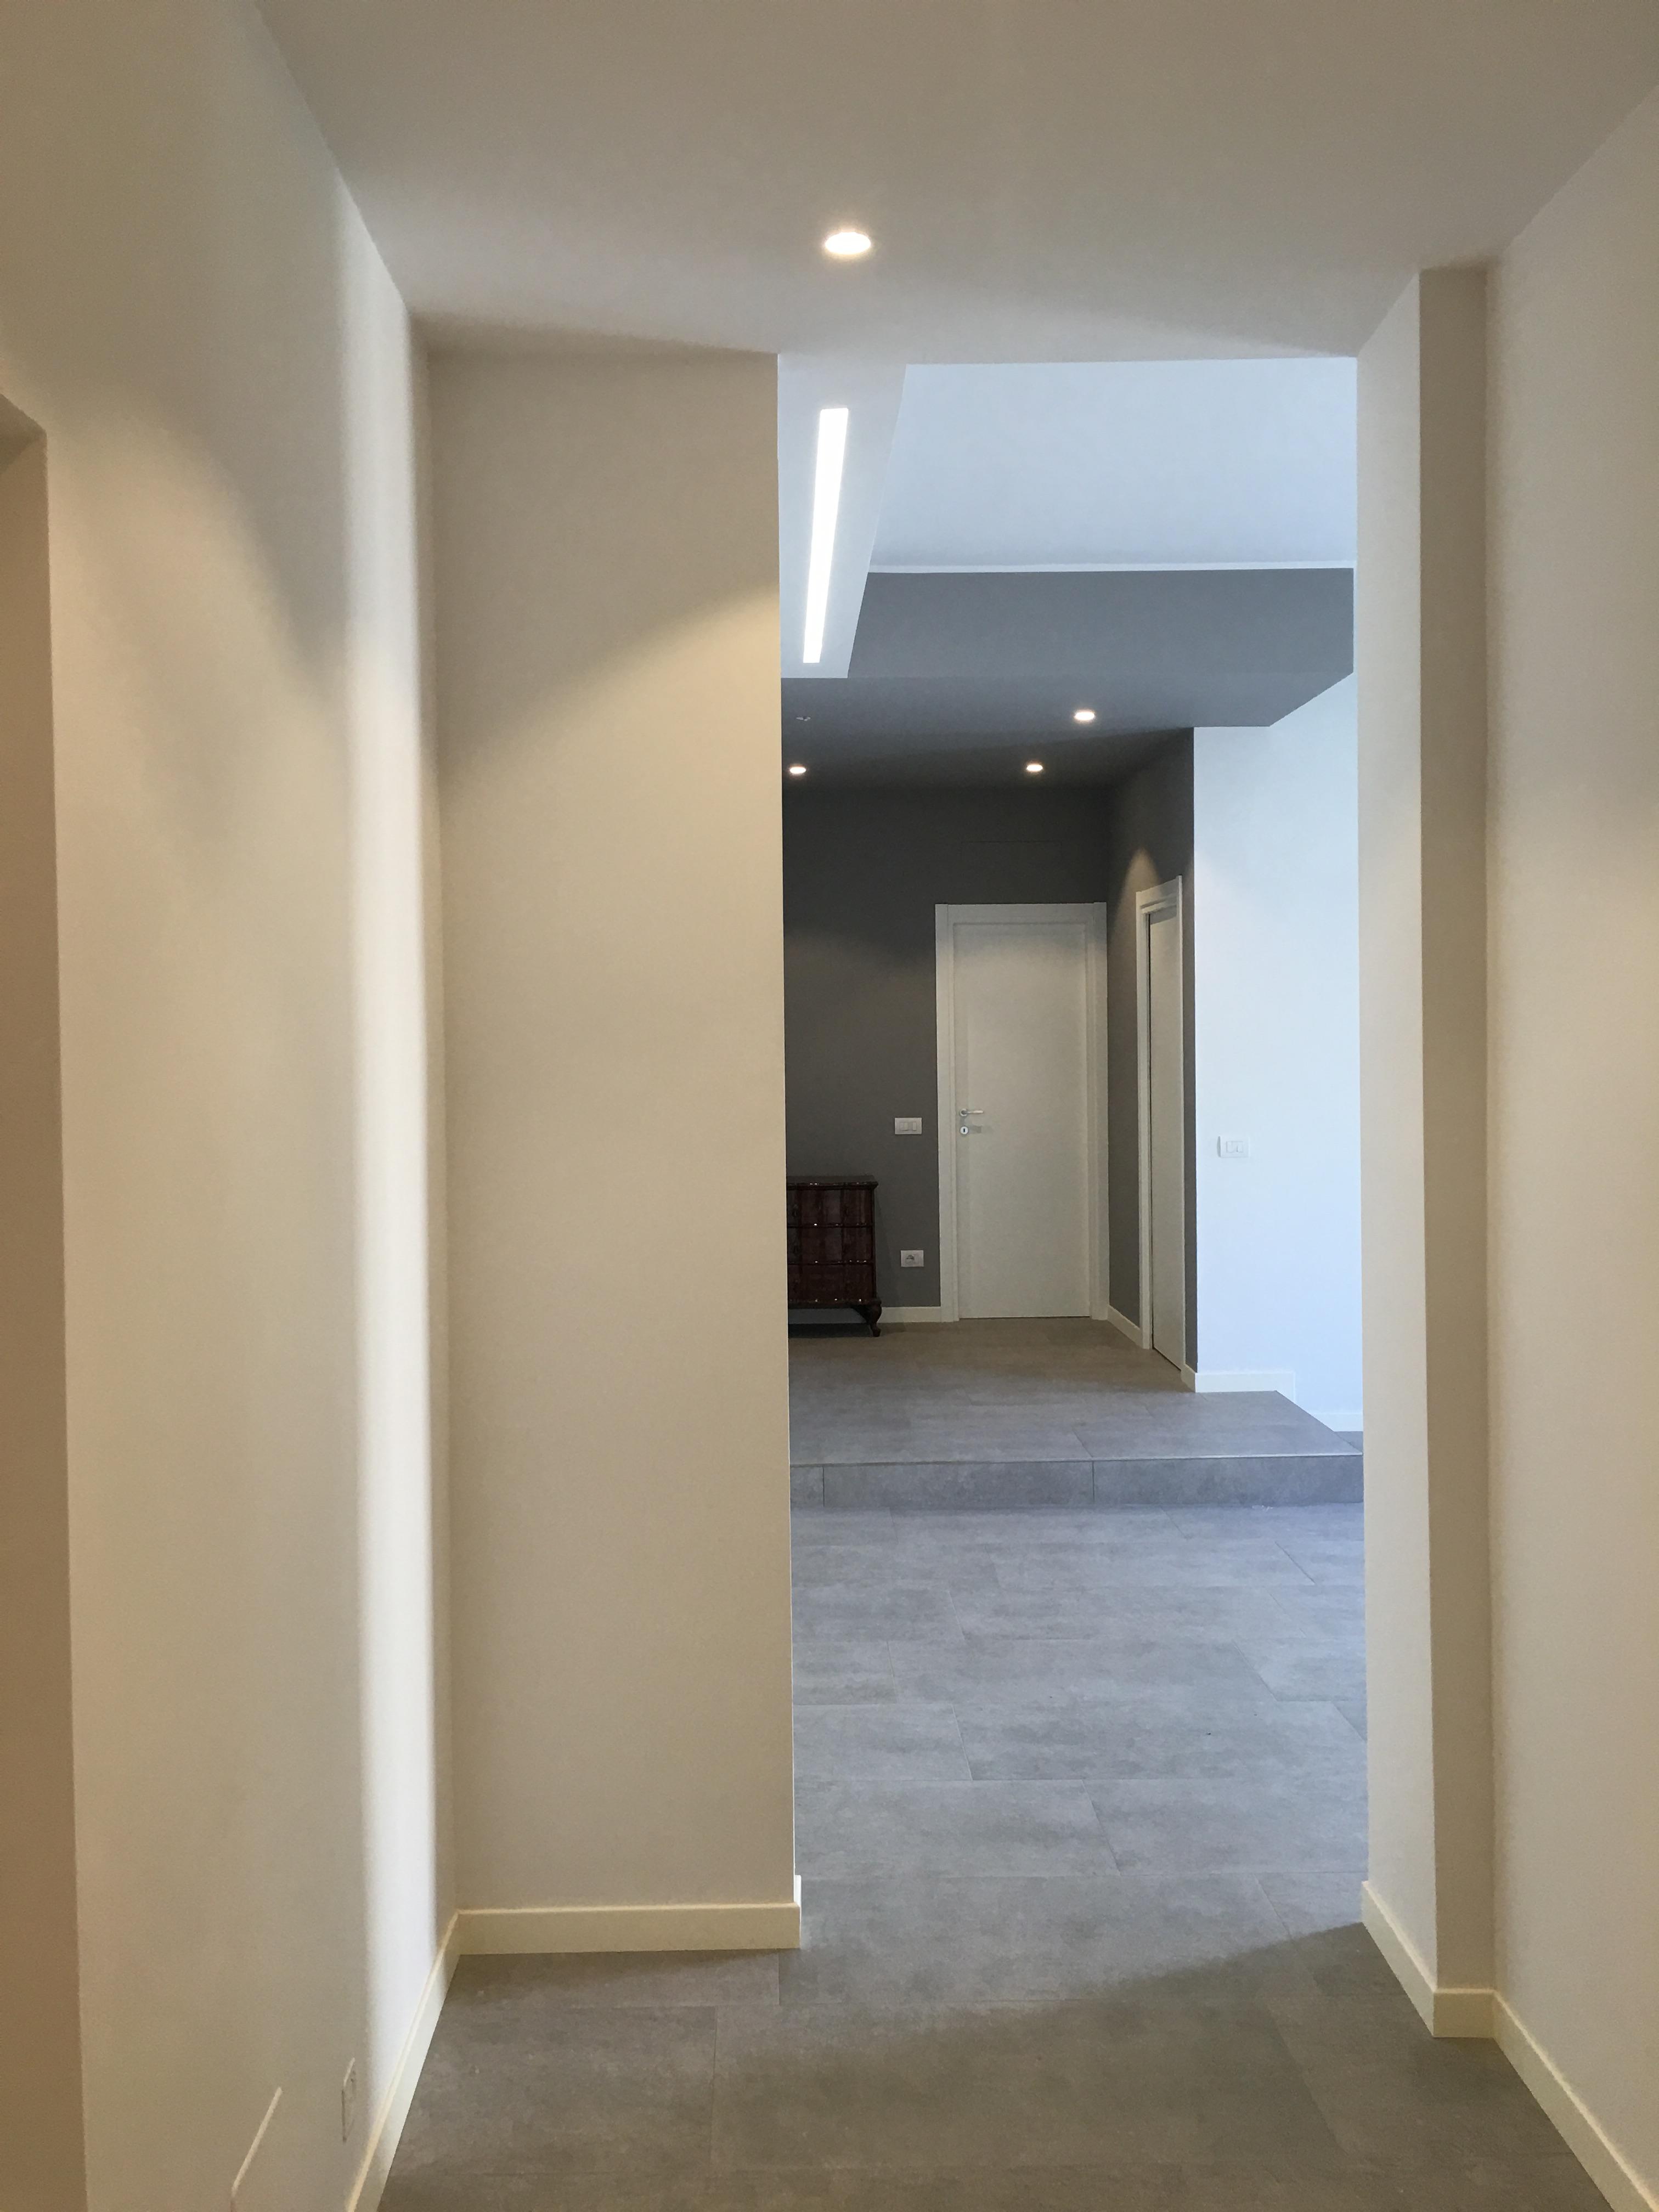 porta vittoria appartamento stupendo ristrutturato milano immobiliare-03.JPG